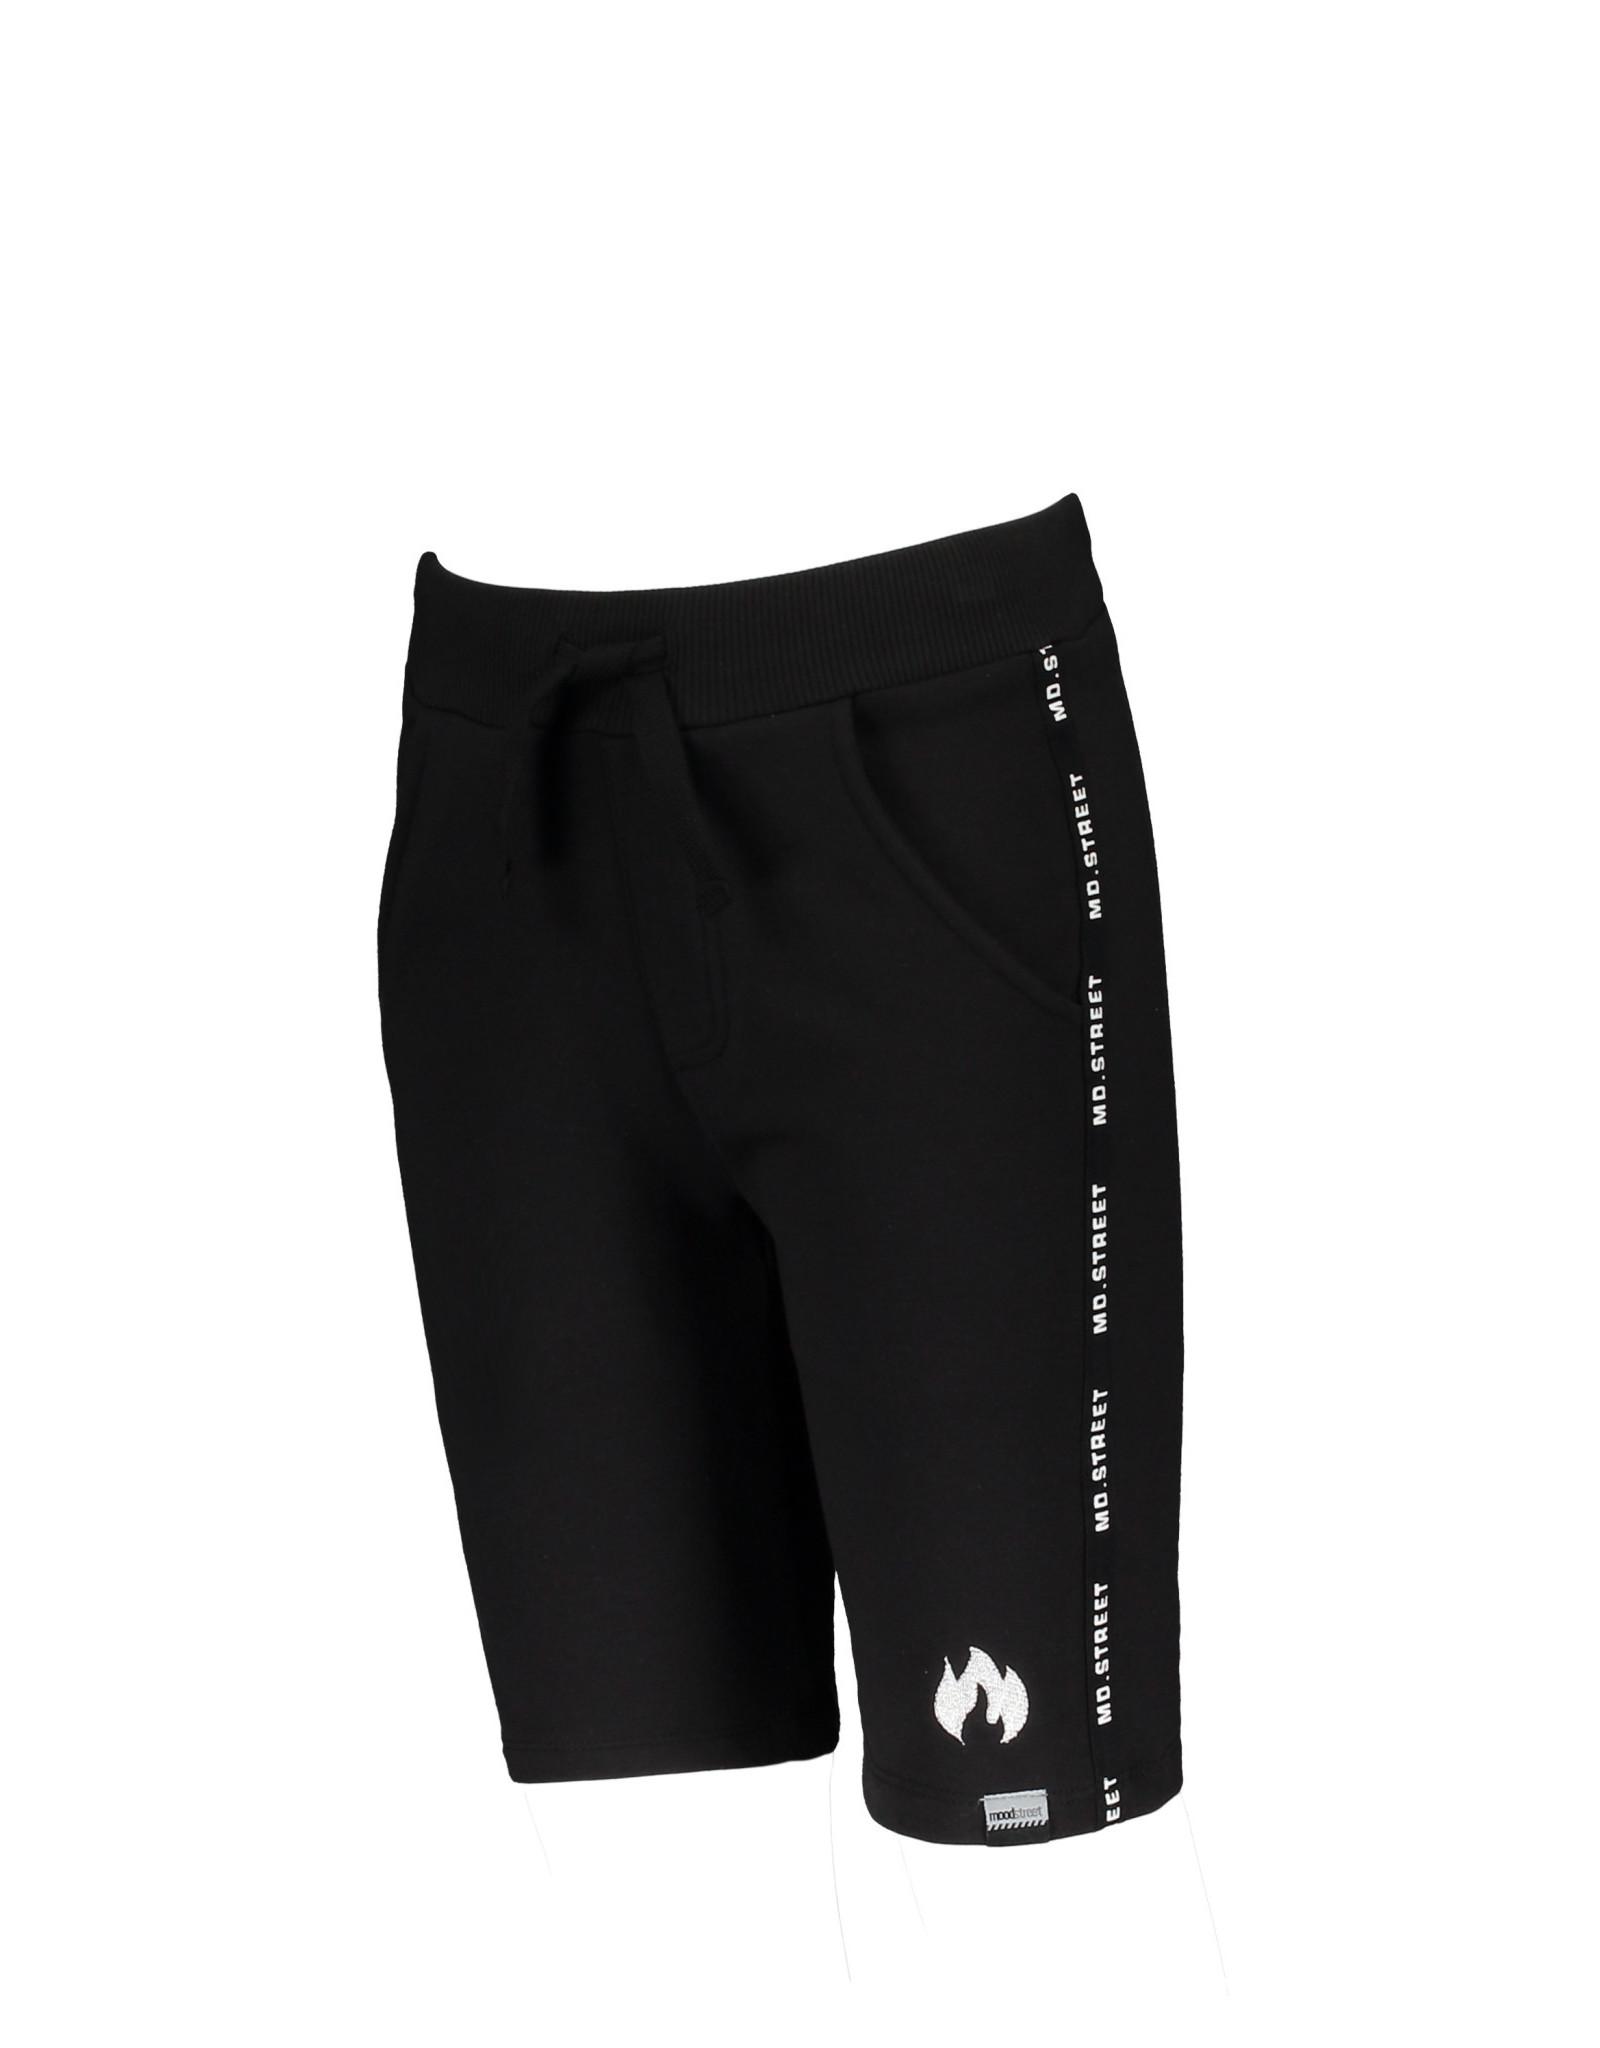 Moodstreet Moodstreet jongens korte joggingbroek Black S21